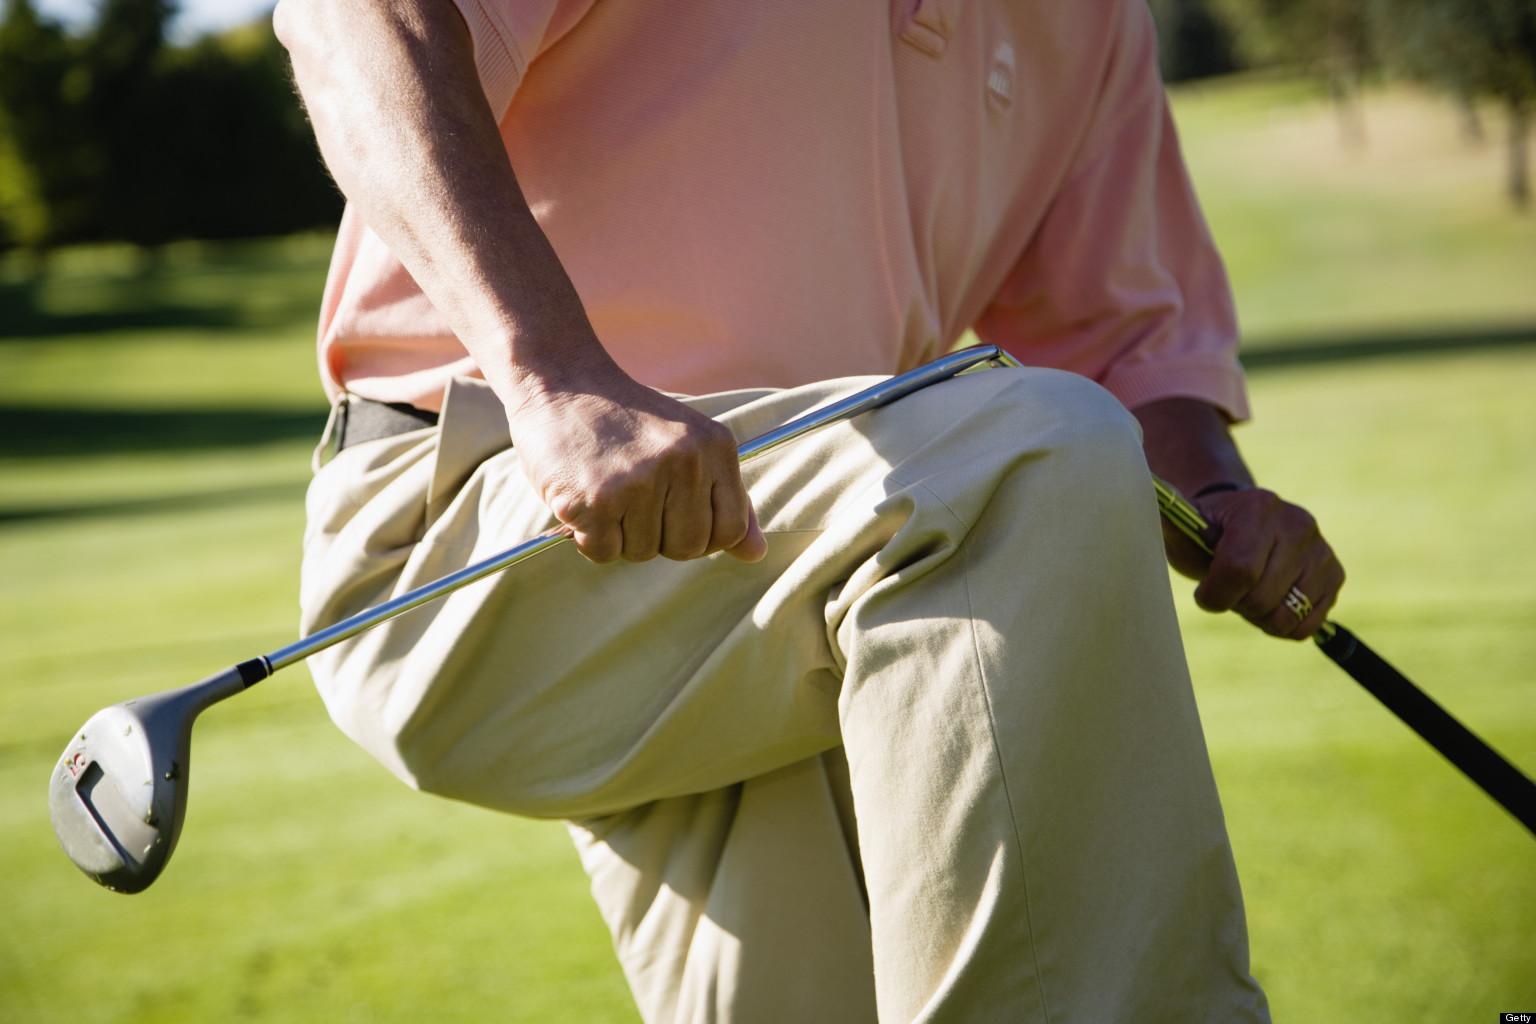 Rule of Golf!